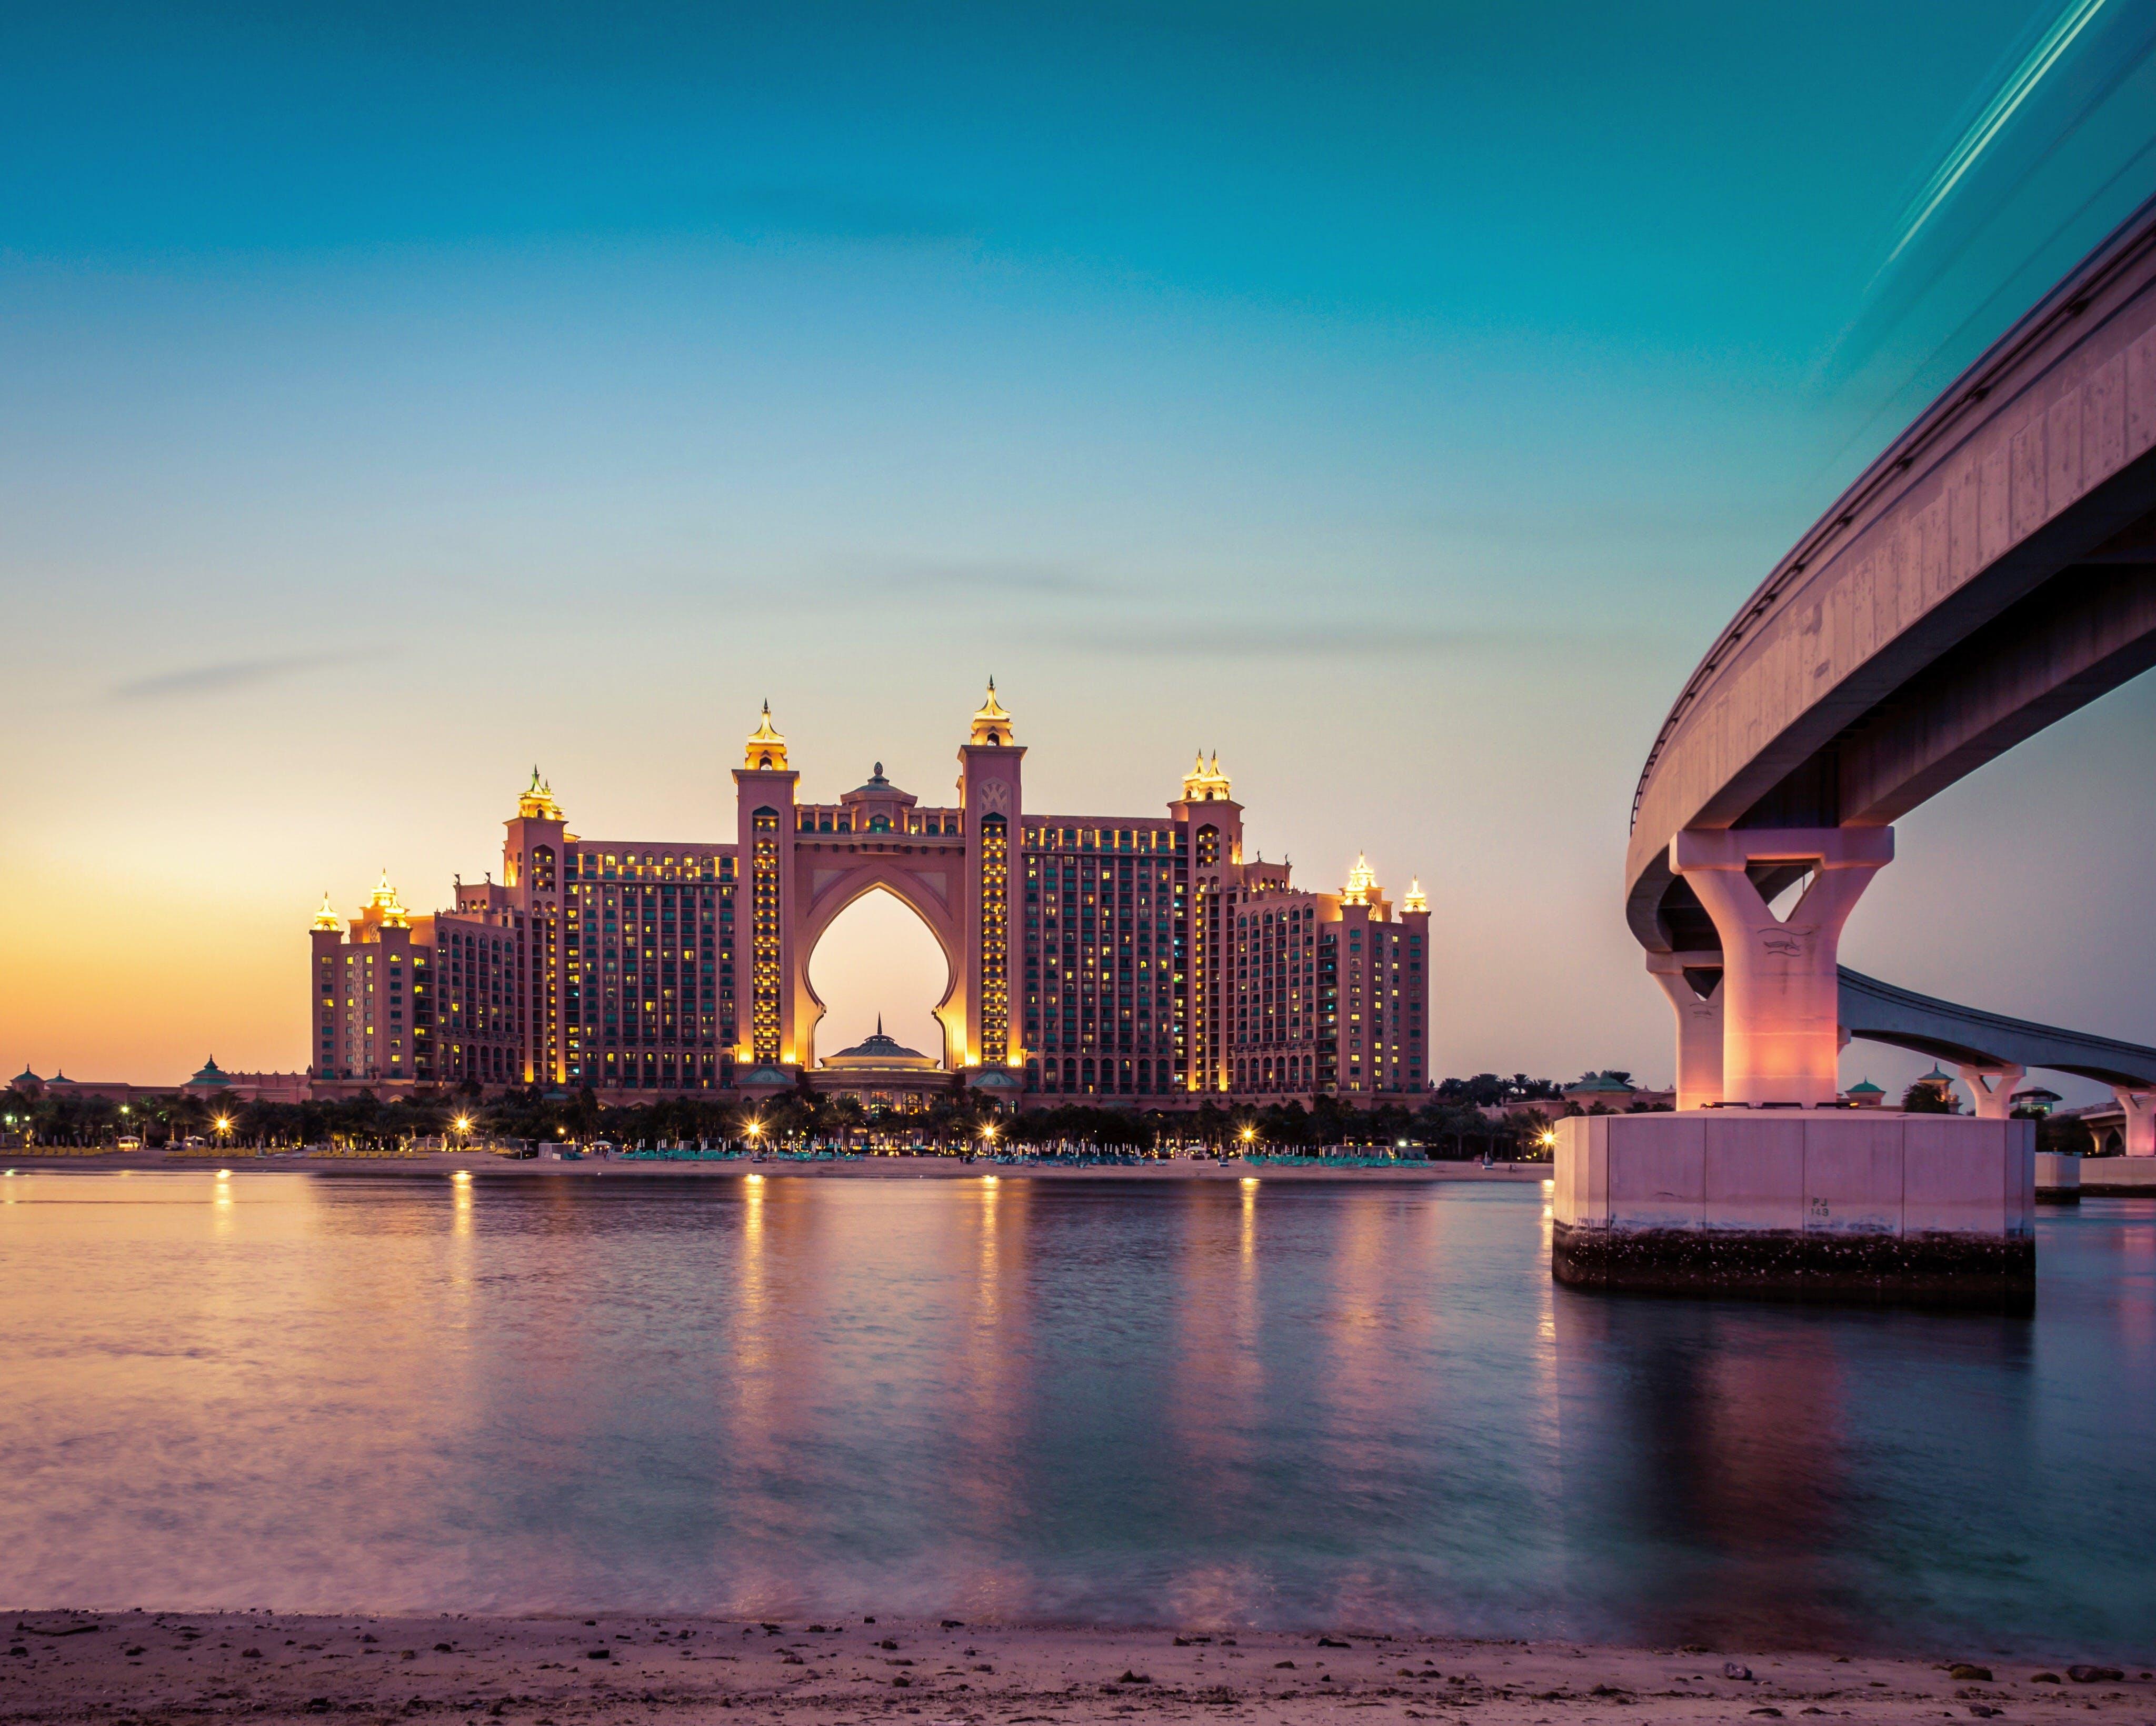 Δωρεάν στοκ φωτογραφιών με αντανάκλαση, αρχιτεκτονική, αστικός, γέφυρα